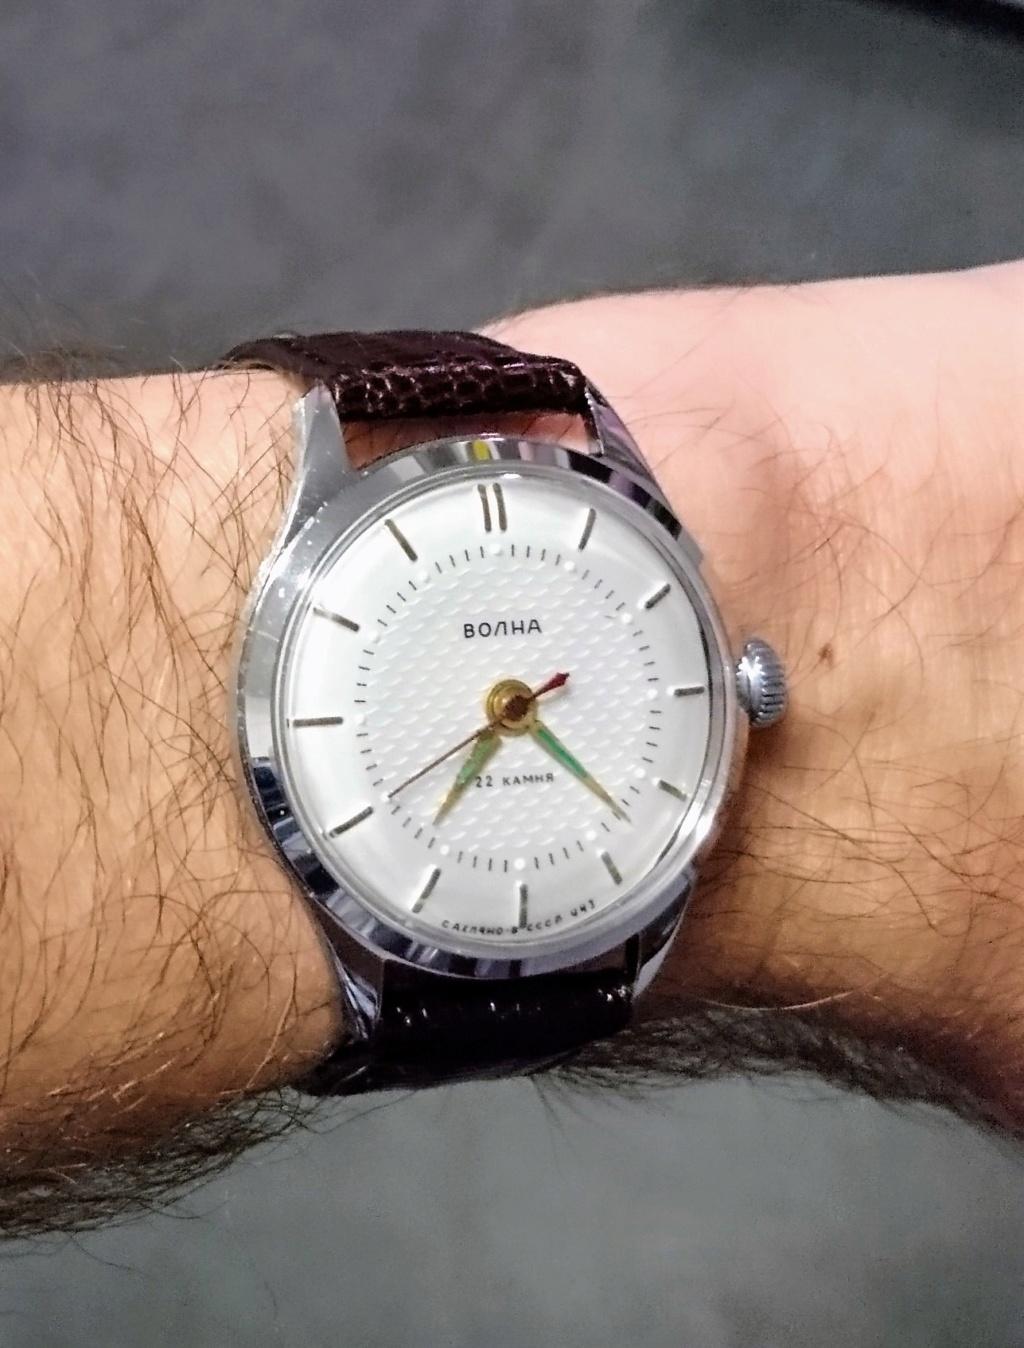 Vos montres russes customisées/modifiées - Page 9 N_dsc_10